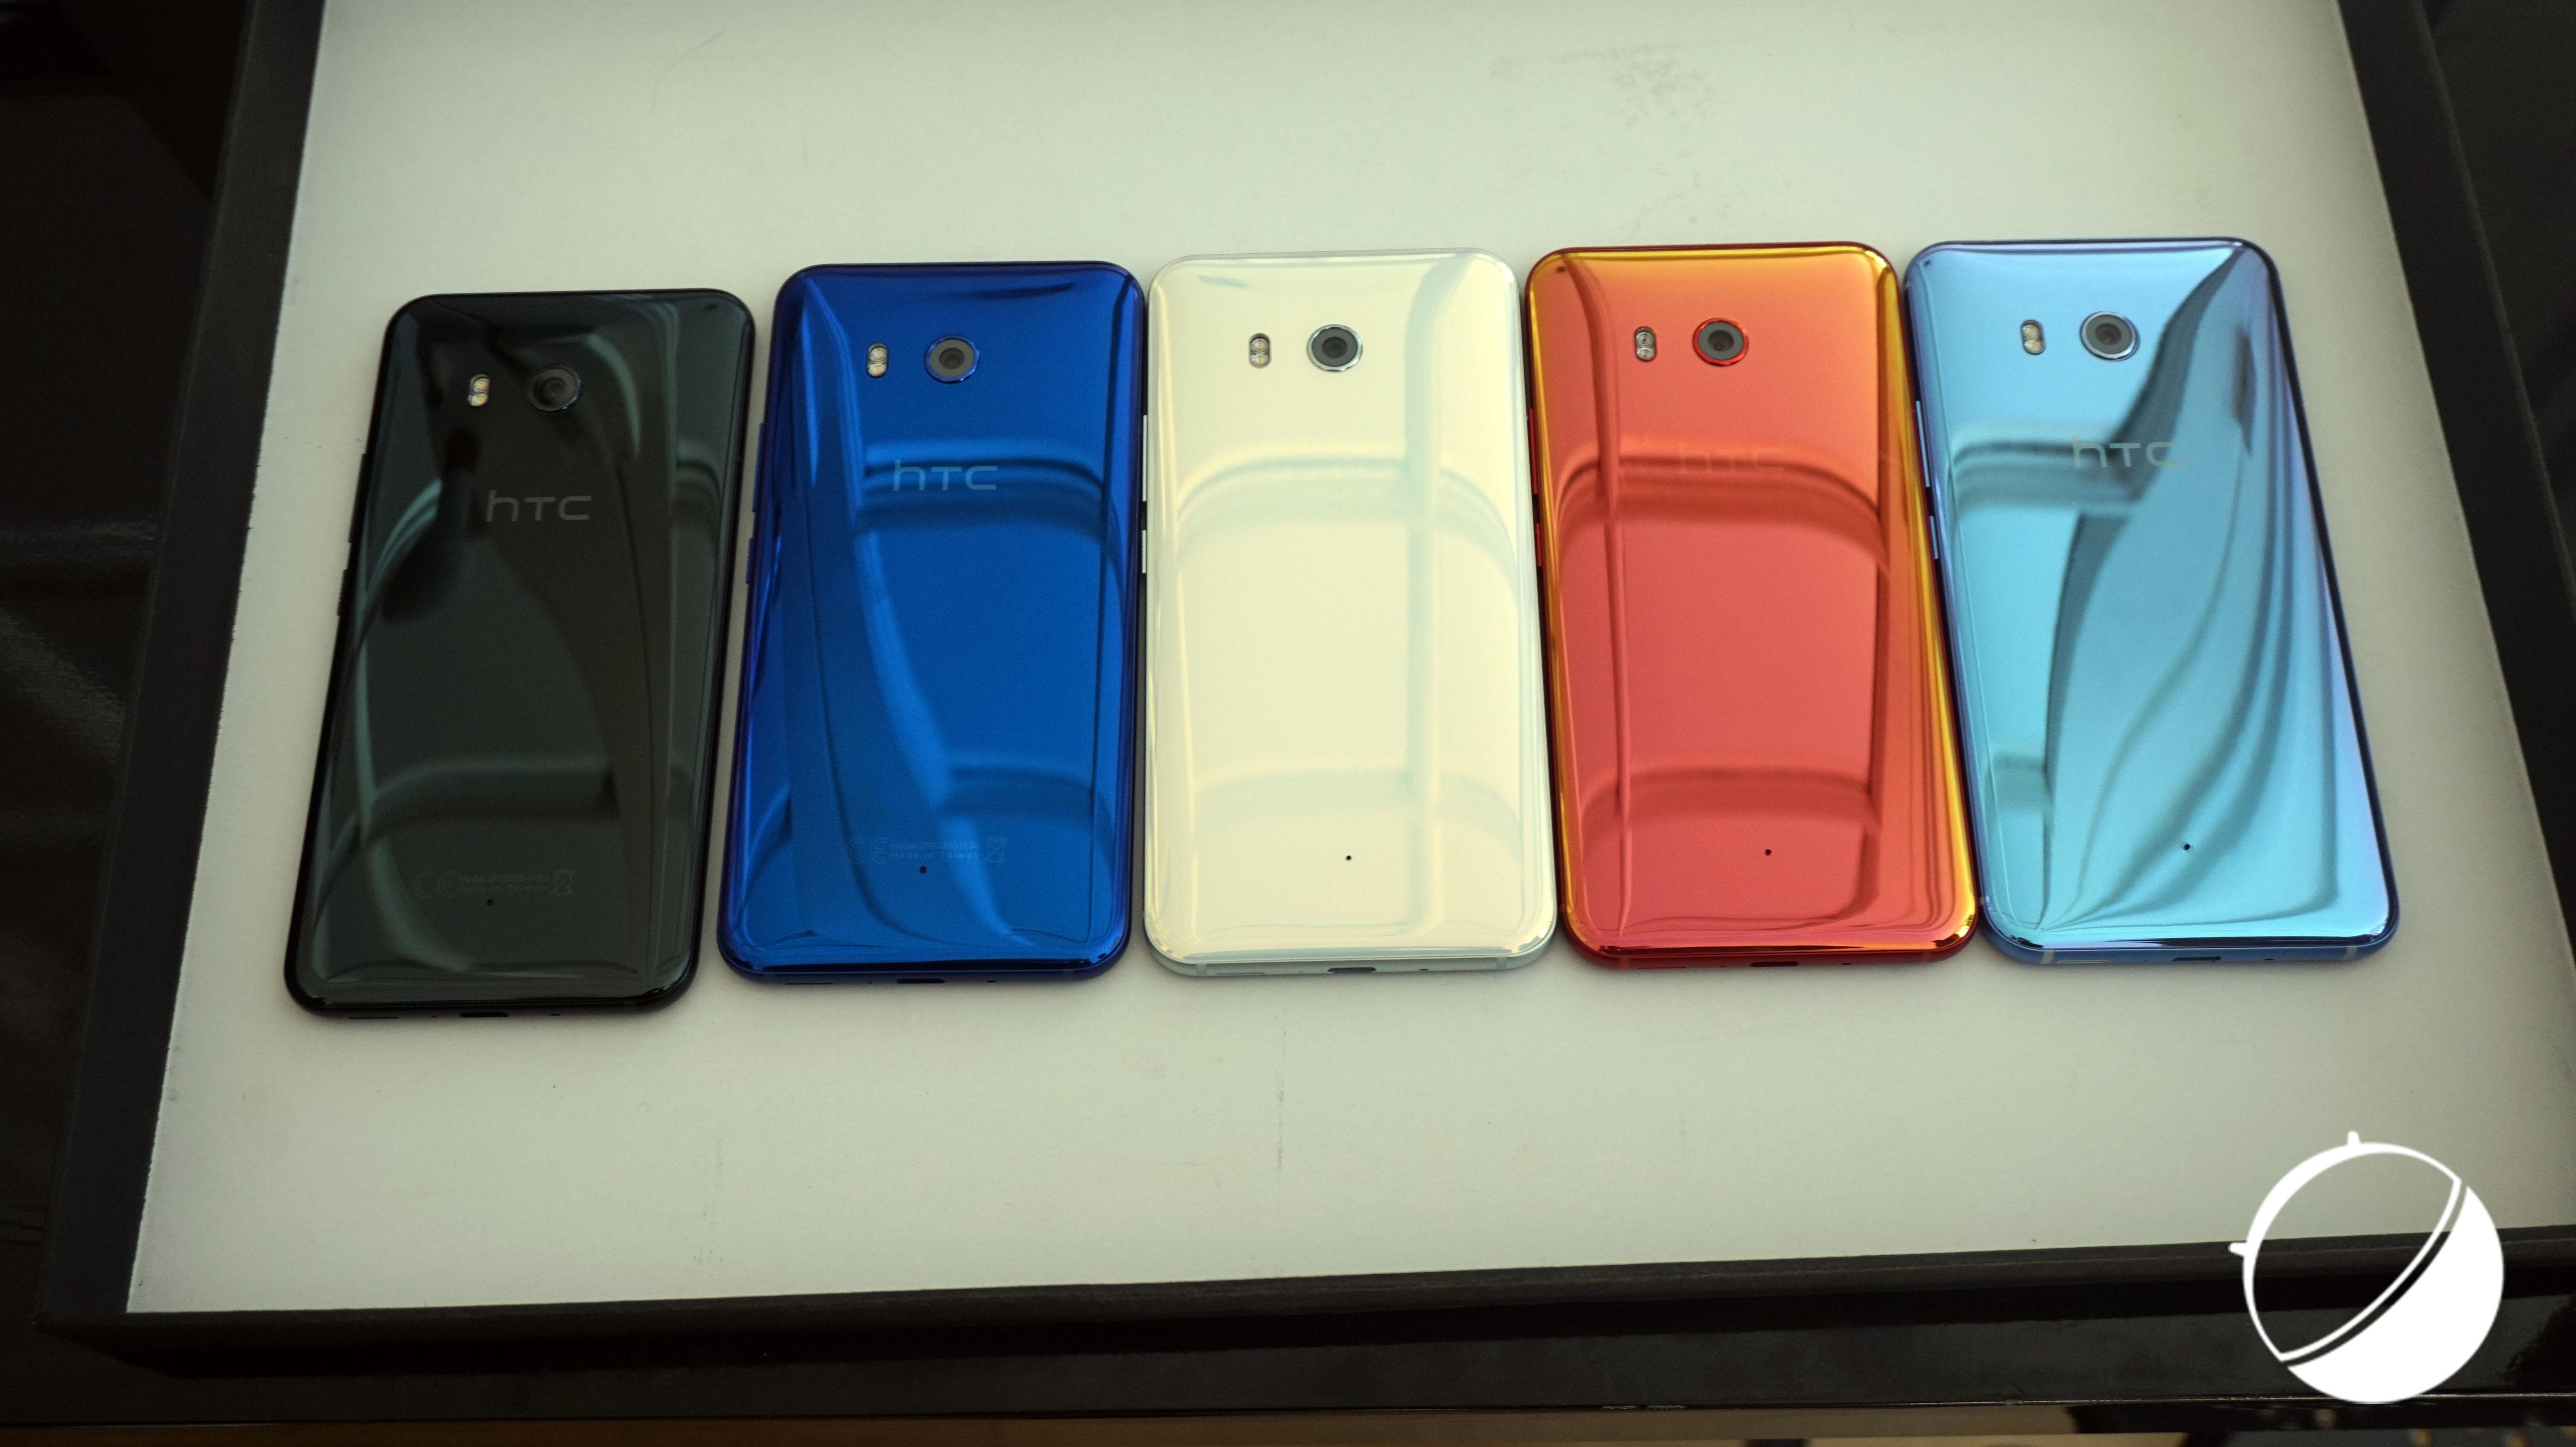 Les couleurs du HTC U11 : quand le discours marketing a du bon